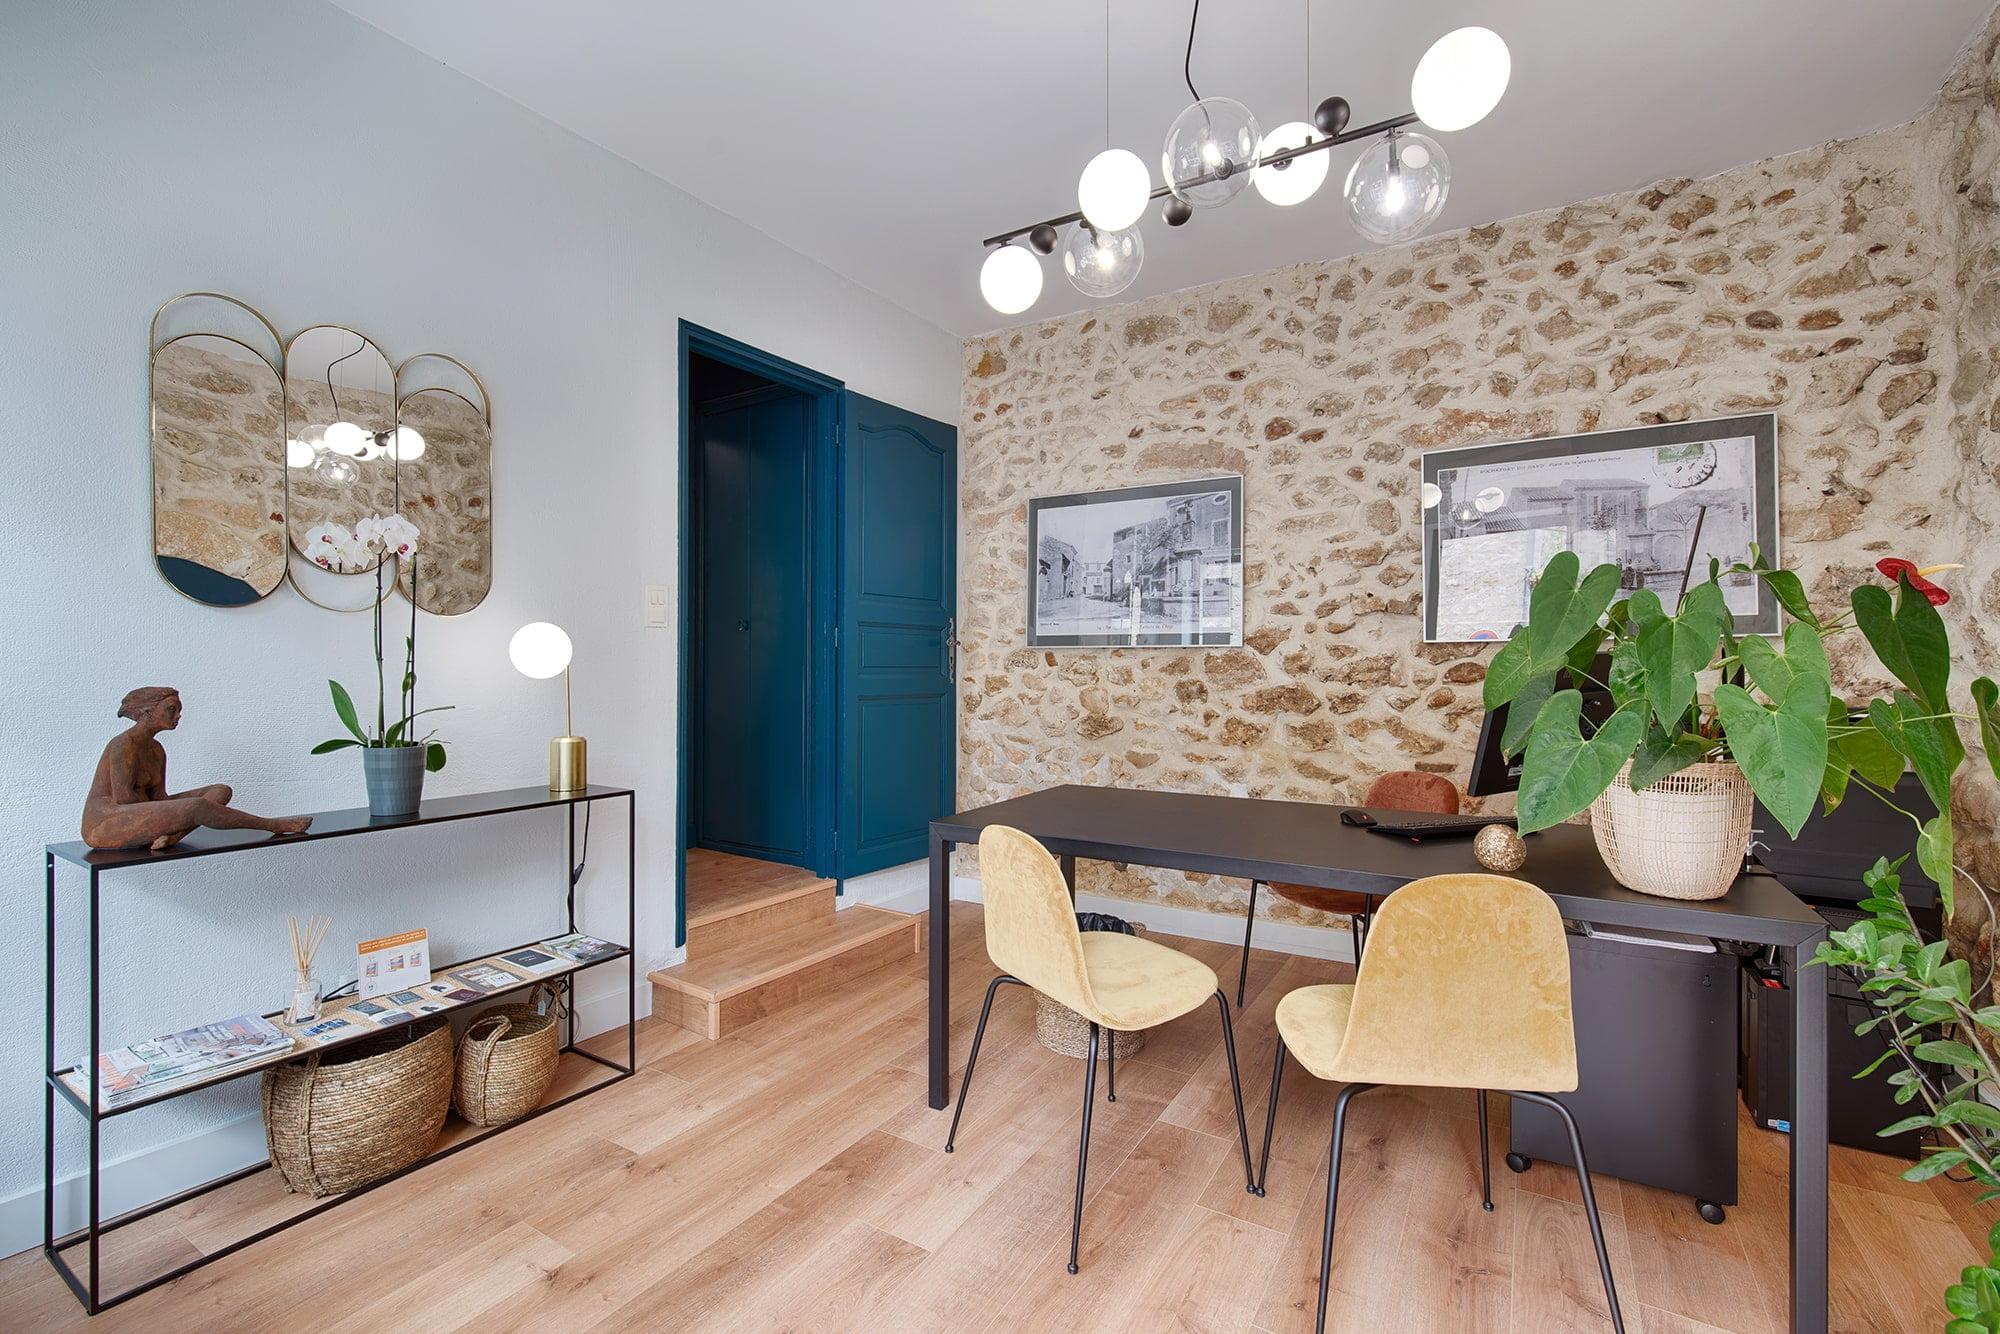 Agence immobiilière à Rochefort-du-Gard, projet décoration d'intérieur par Kty.L Décoratrice, UFDI, Gard et Vaucluse : vue du bureau d'accueil